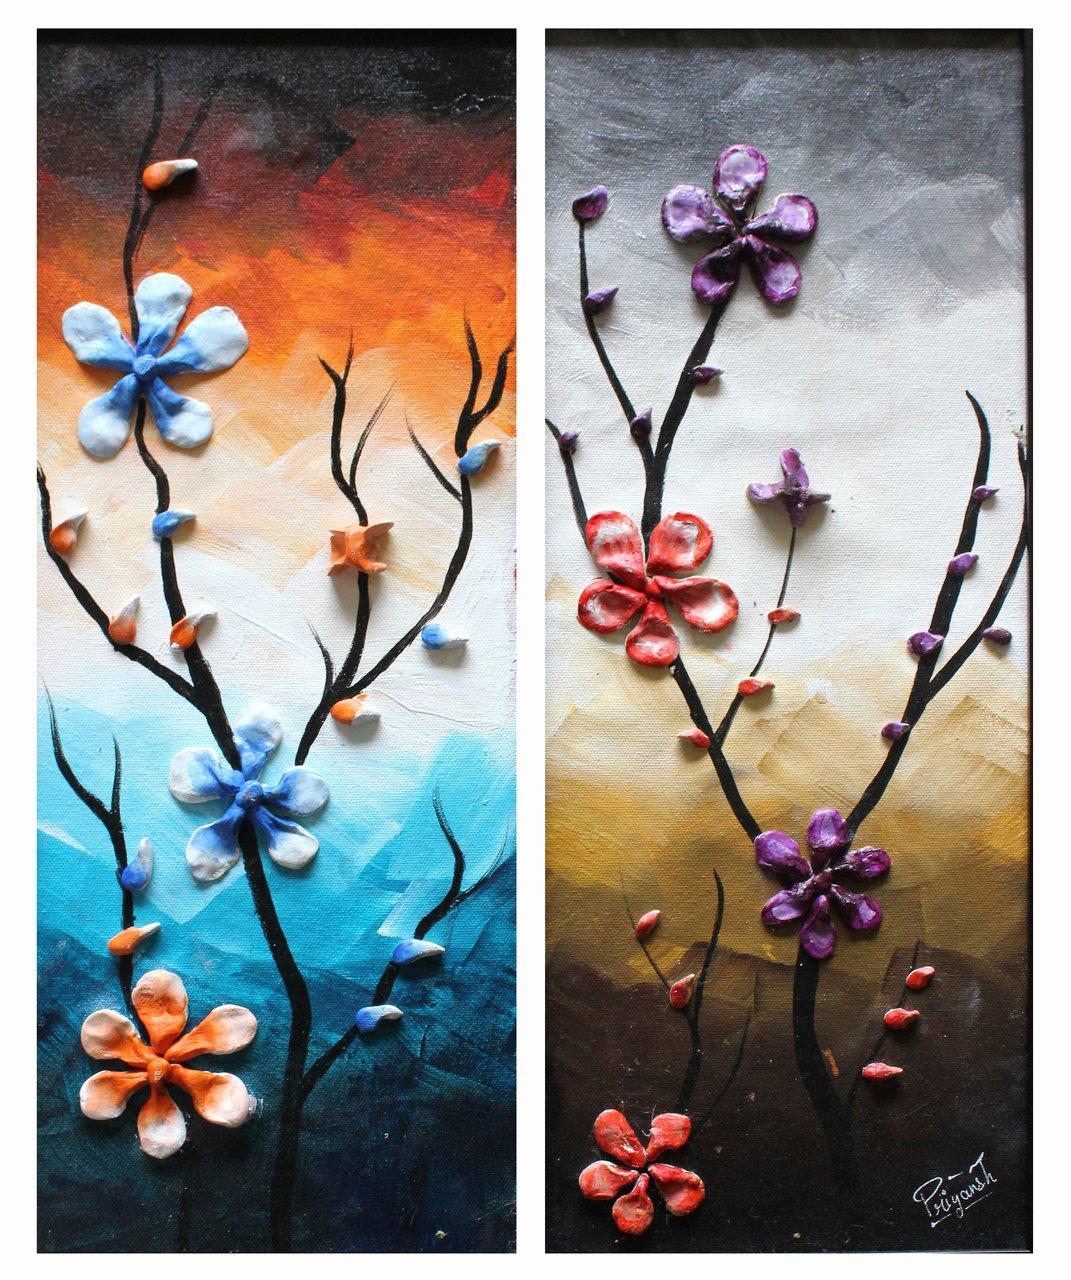 3d Paintings On Canvas Beautiful Buy 3d Flowers Handmade Painting by Priyansh Thakkar Code Art 2841 Paintings for Sale